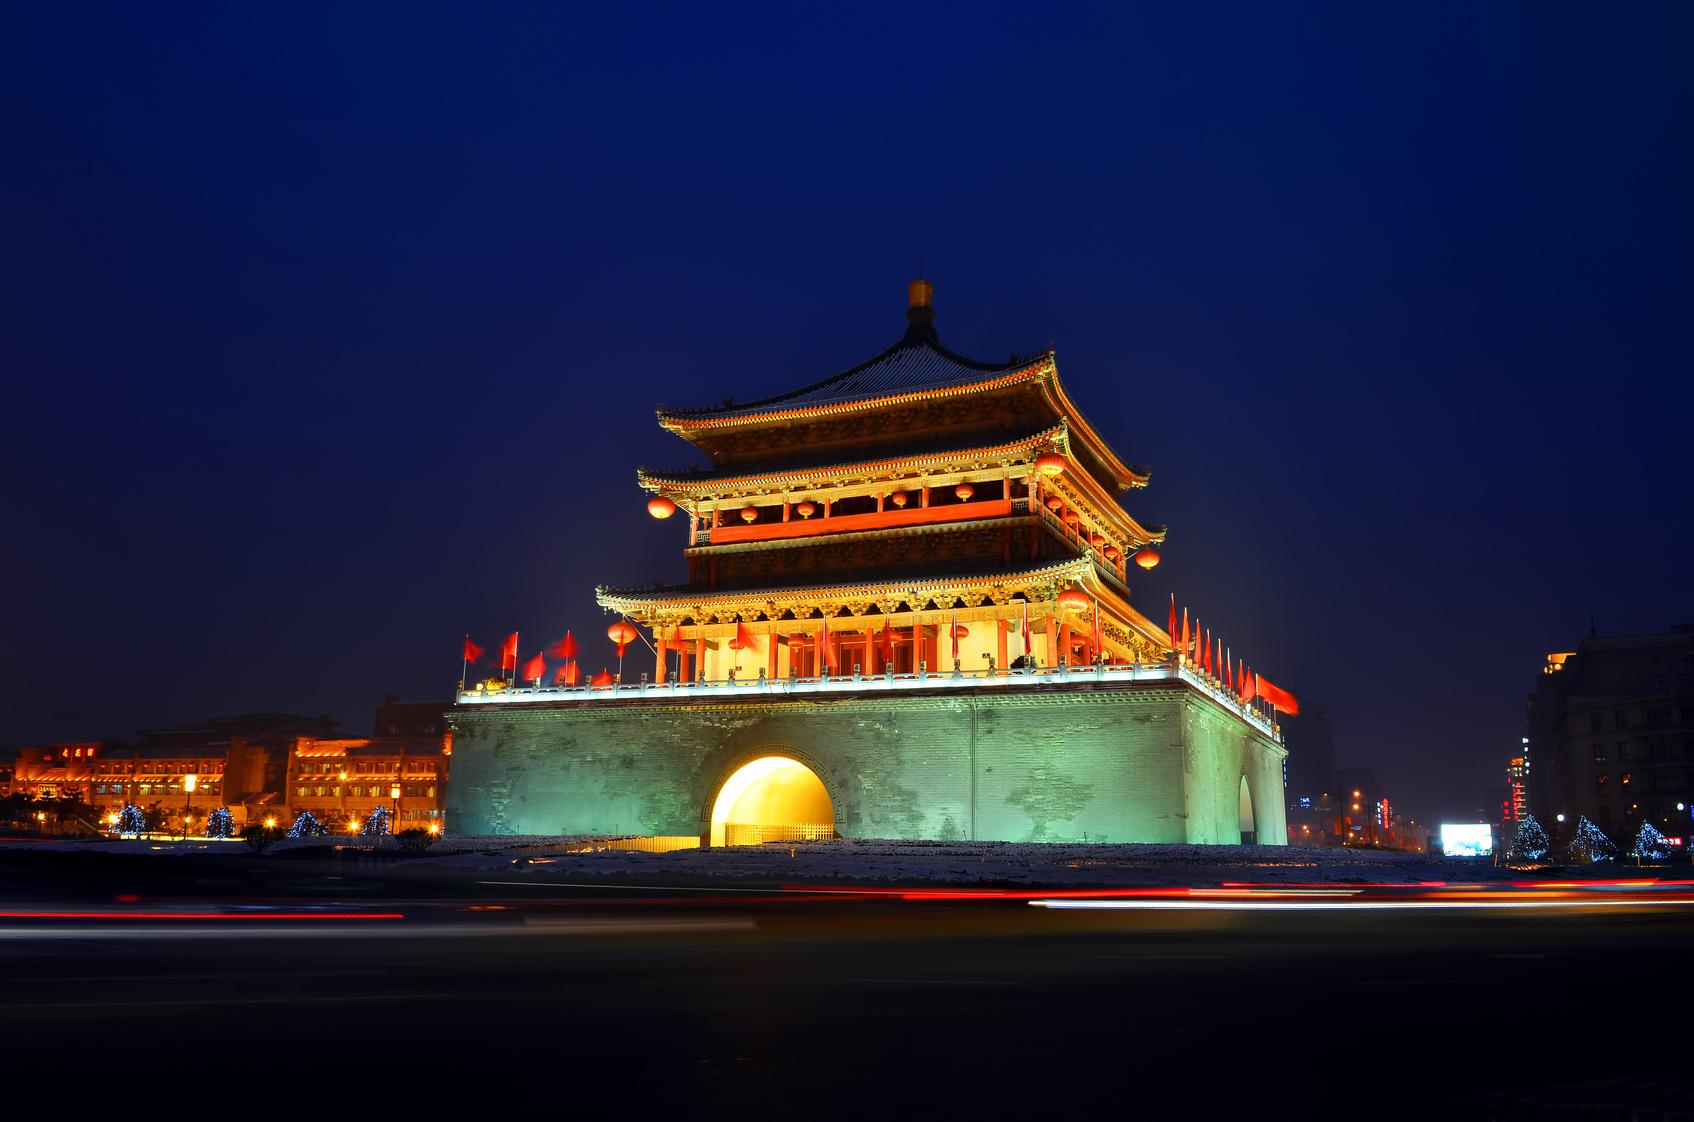 Oferta De Viagens Oferta De Viagens: Viajes China, Ofertas De Viajes Baratos